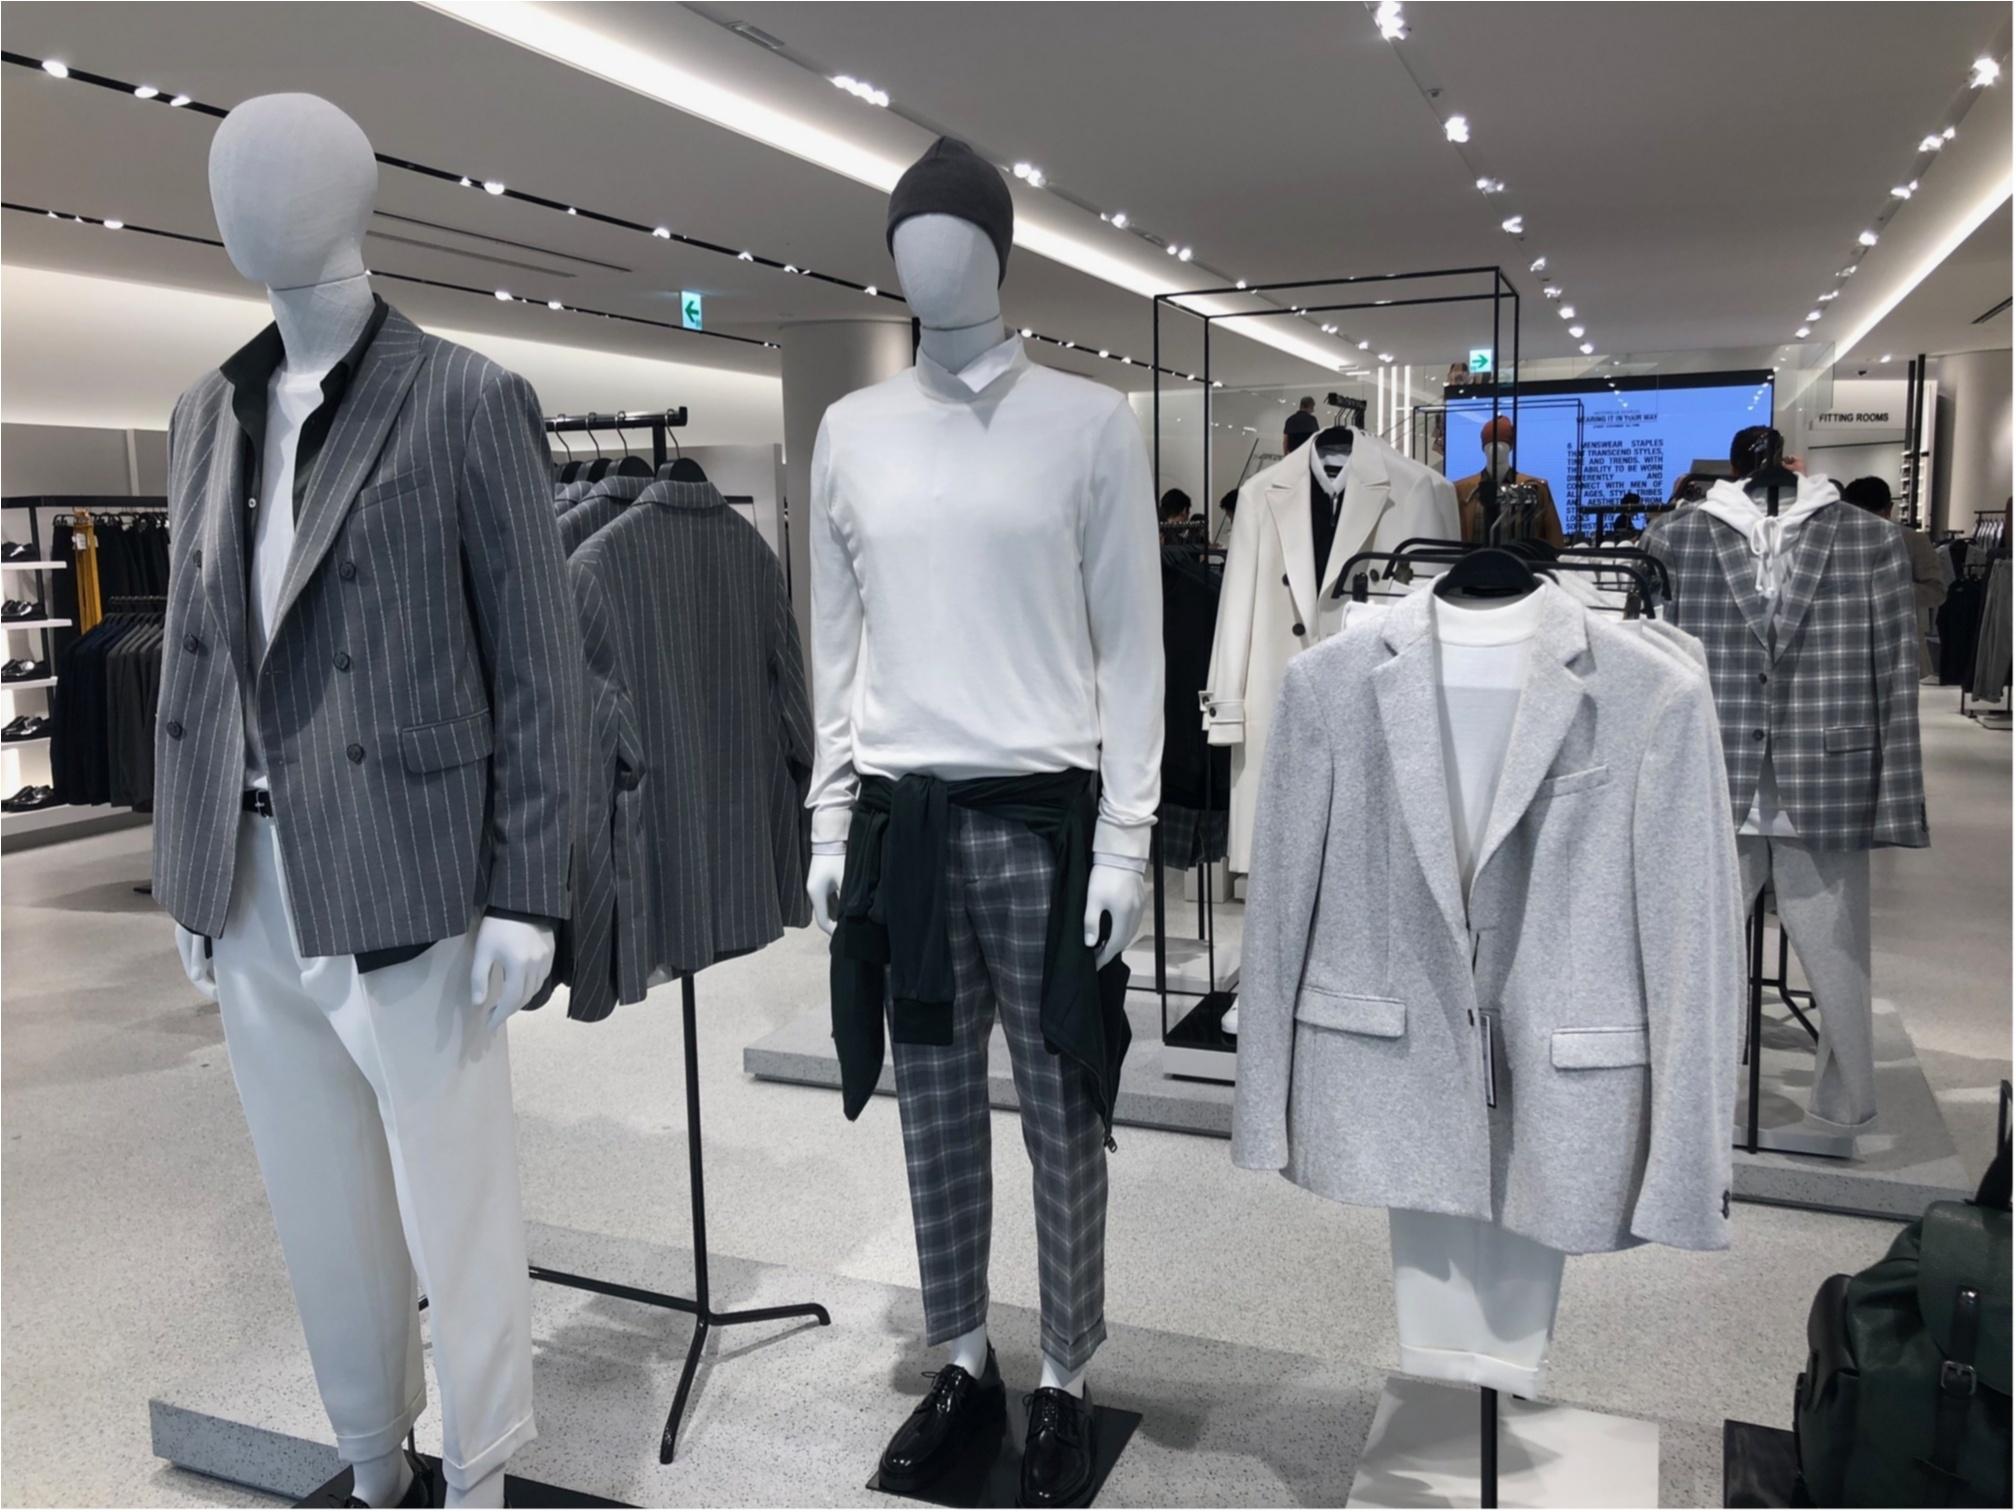 『ZARA 六本木店』リニューアルオープンで見つけたアイテム 記事Photo Gallery_1_24